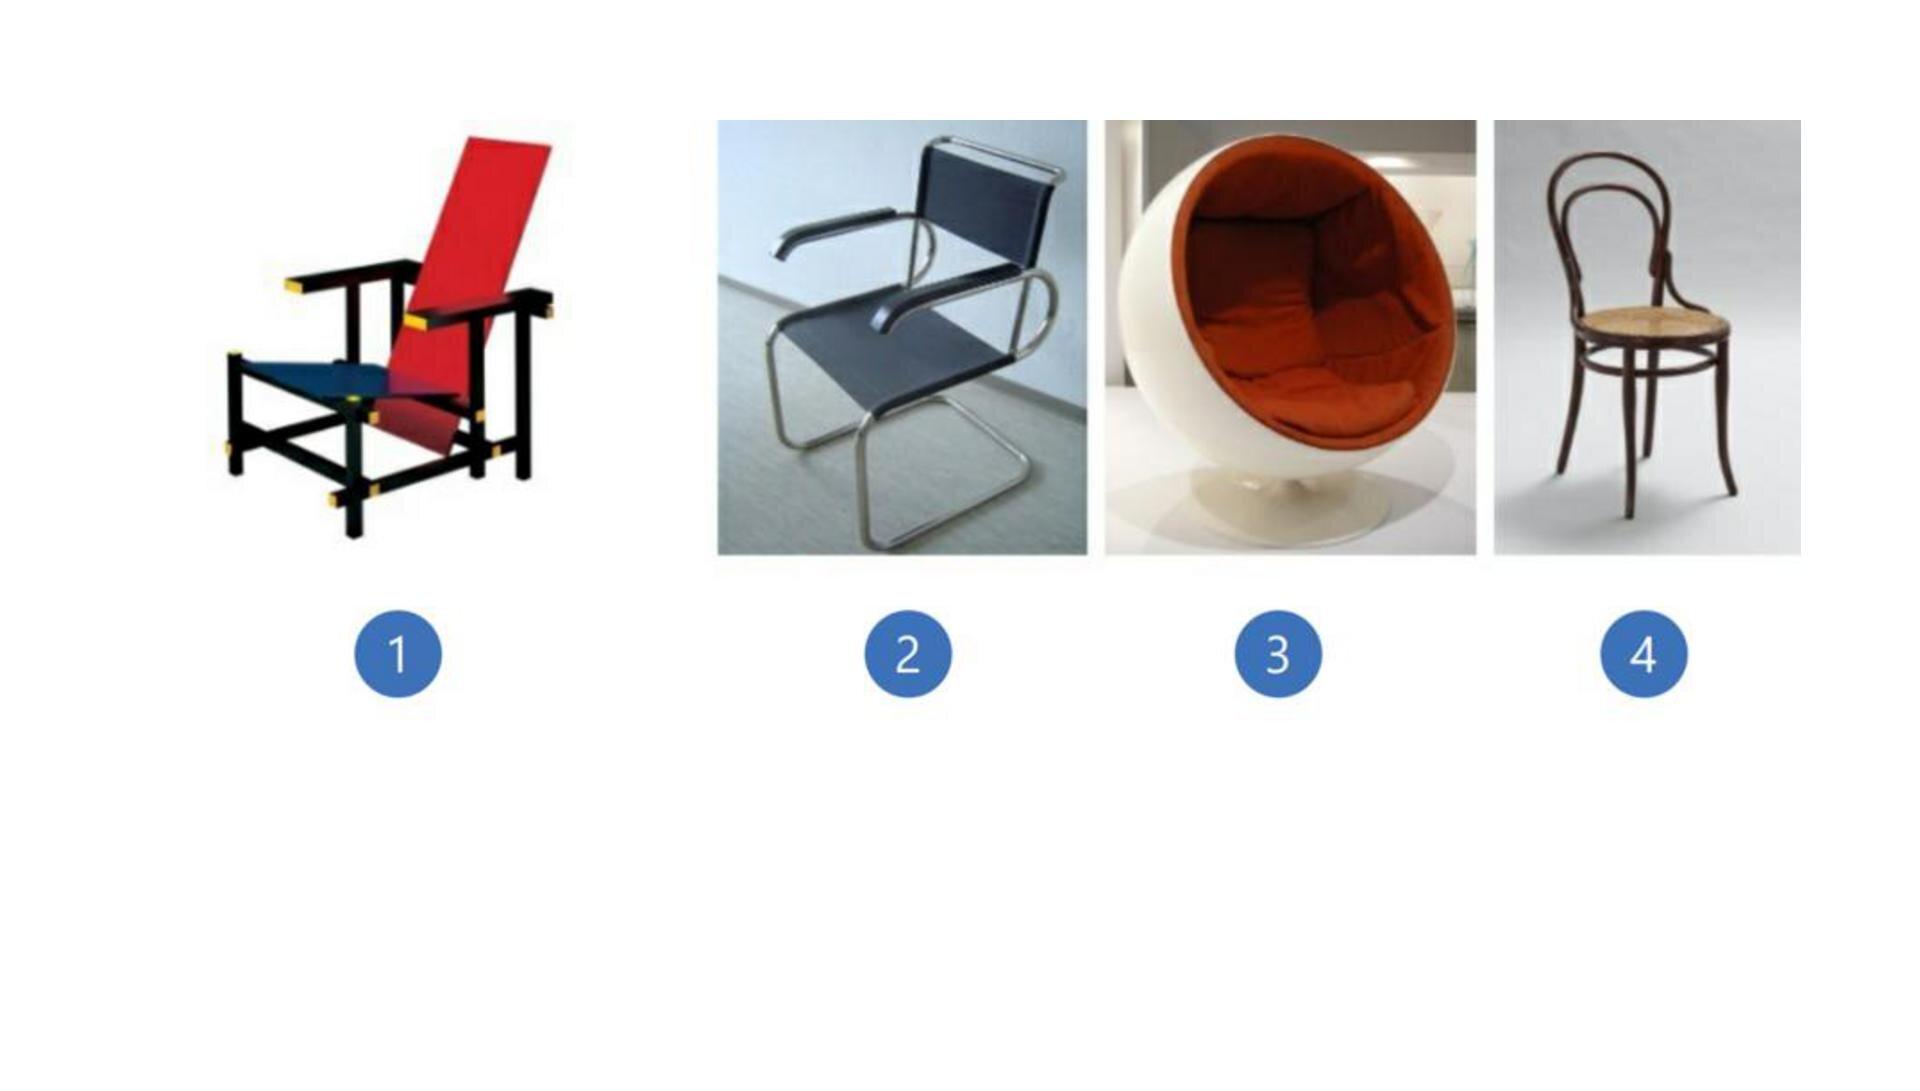 Wzadaniu znajdują się cztery ilustracje przedstawiające krzesła wróżnych stylach, krzesło oprostym kształcie zczerwonym oparciem iniebieskim siedziskiem tworzące razem kąt rozwarty, krzesło oprostej stalowej konstrukcji zgranatowym opraciem isiedziskiem, krzesło wkształcie dużych rozmiarów pólkuli zpomarańczowym siedziskiem oraz proste brązowe drewniane krzeslo na delikatnie wygiętych nóżkach, posiadające sitkowane siedzisko.